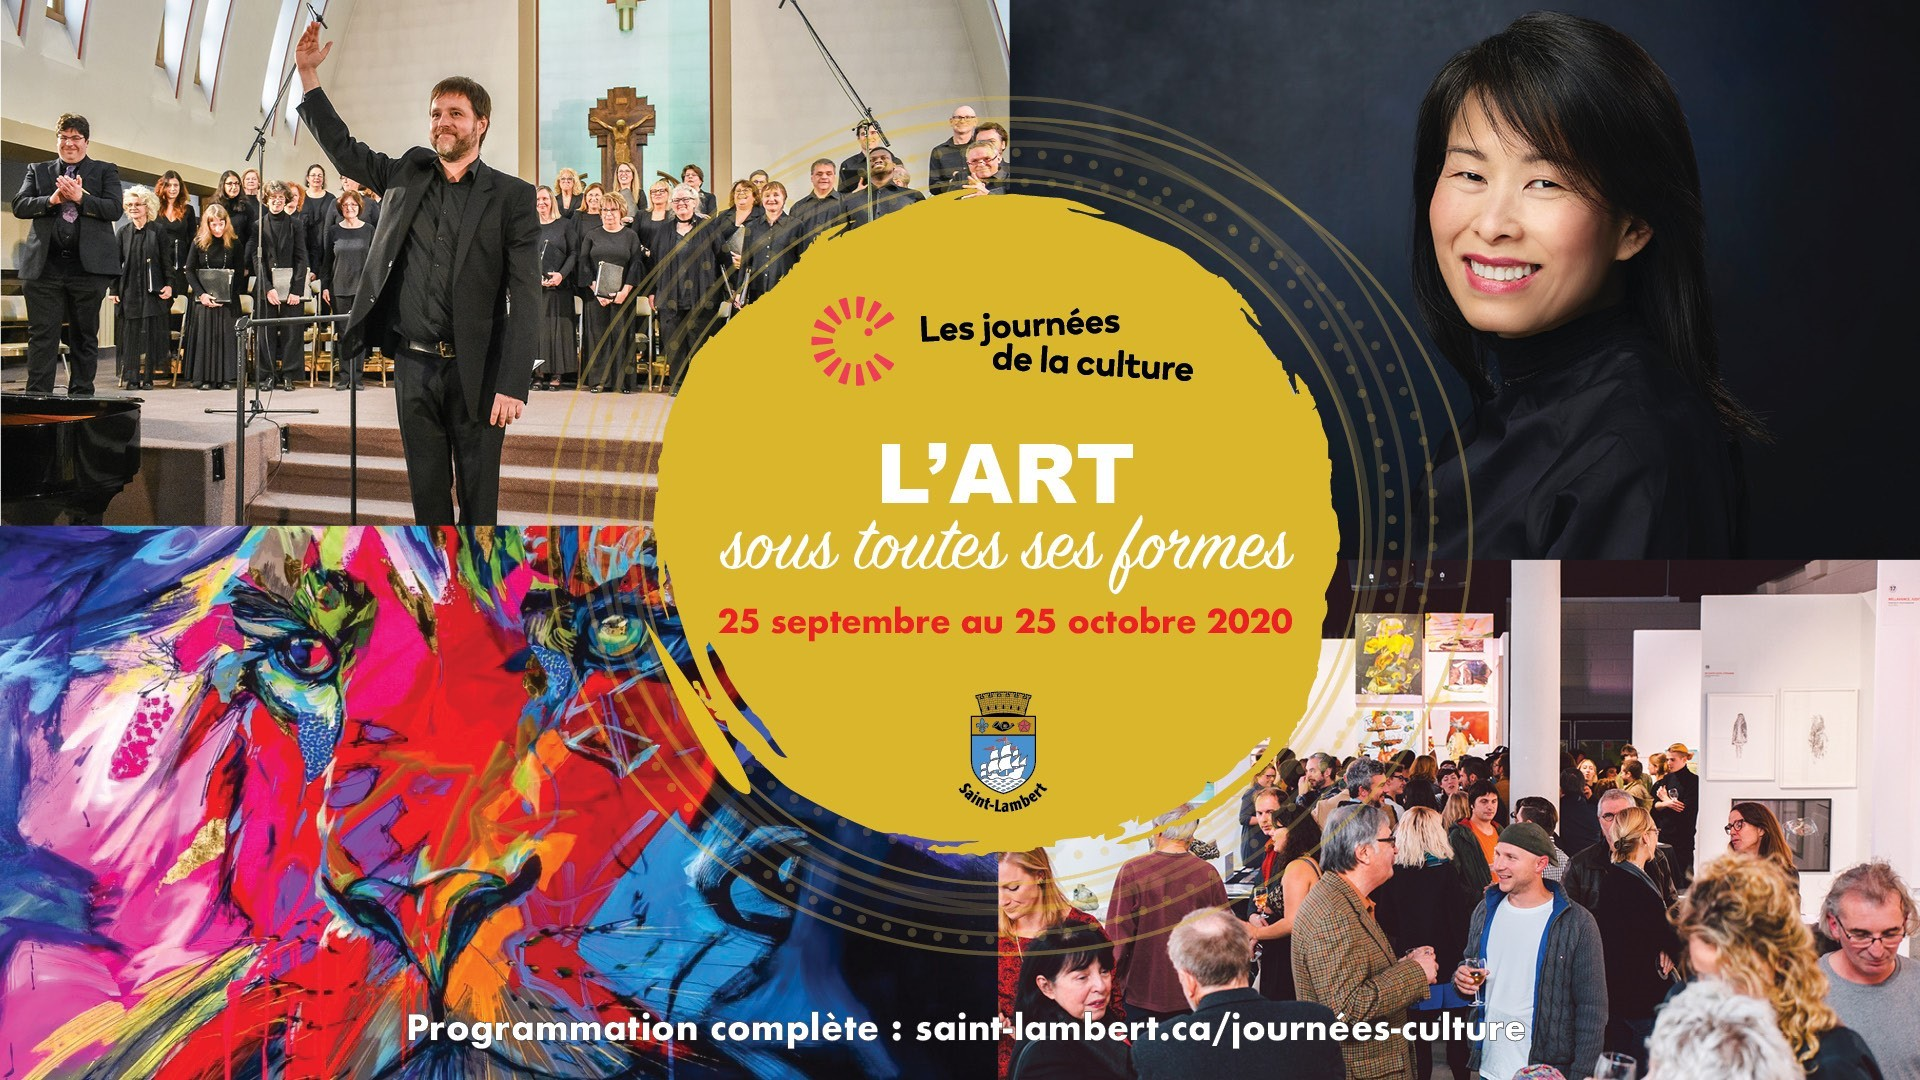 Discover various artistic disciplines in Saint-Lambert during the Journées de la culture